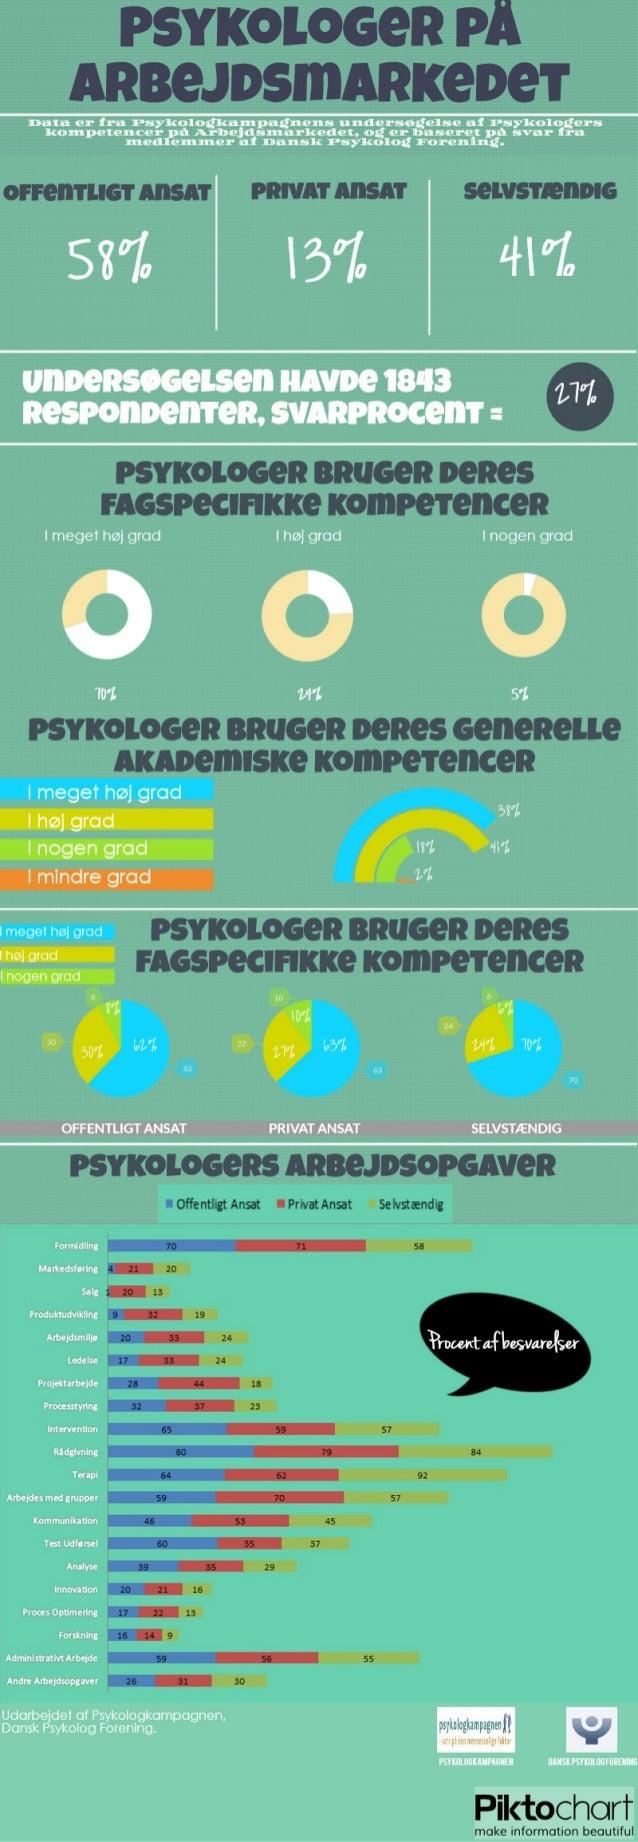 Infographic om psykologers kompetencer på arbejdsmarkedet